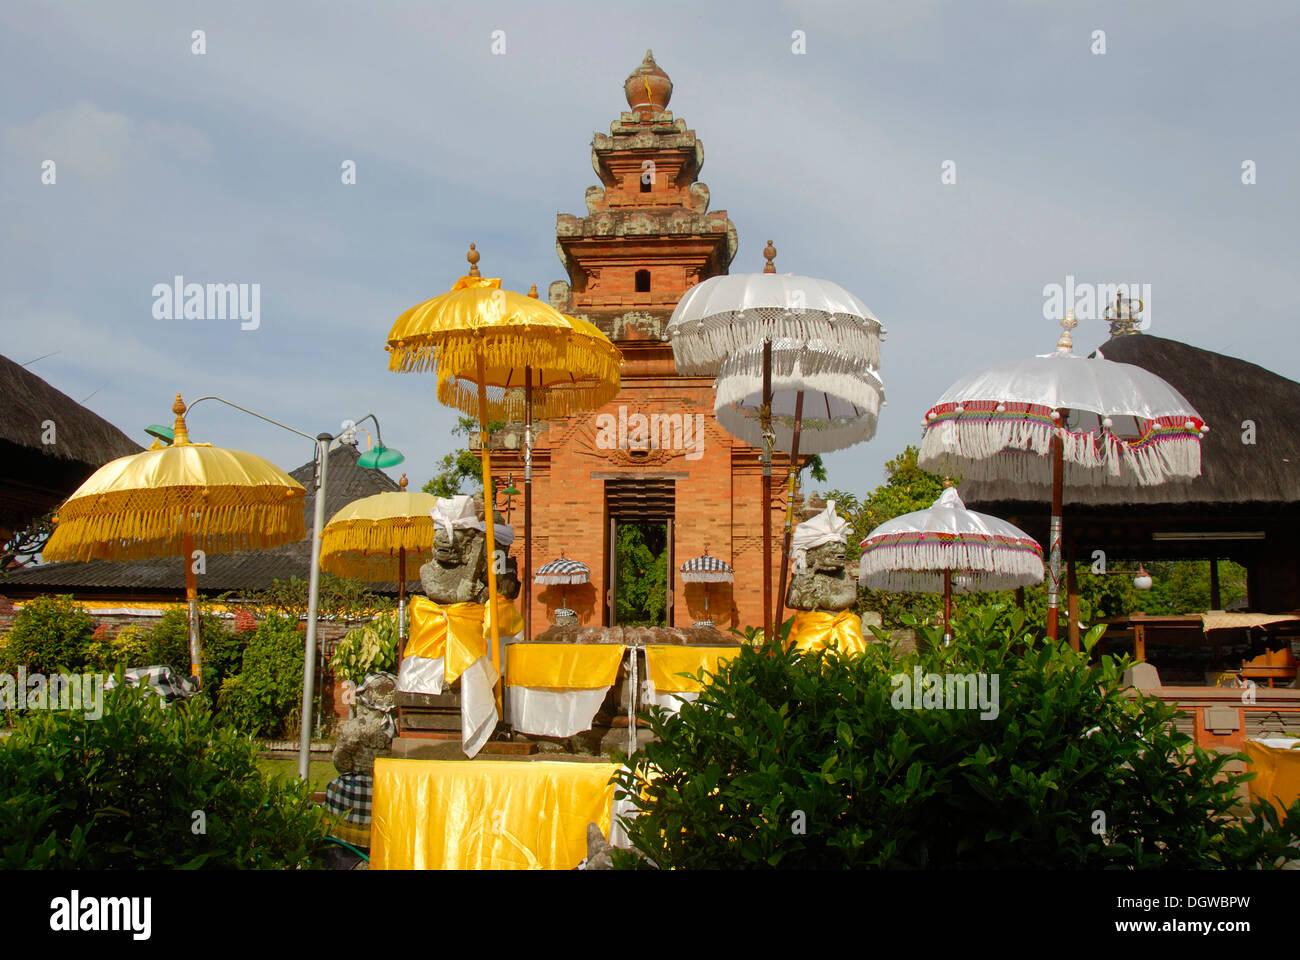 Bali-Hinduismus, Tempelturm, gelbe und weiße Sonnenschirme, Pura Sadha Tempel, Kapal, Bali, Indonesien, Südostasien, Asien Stockbild